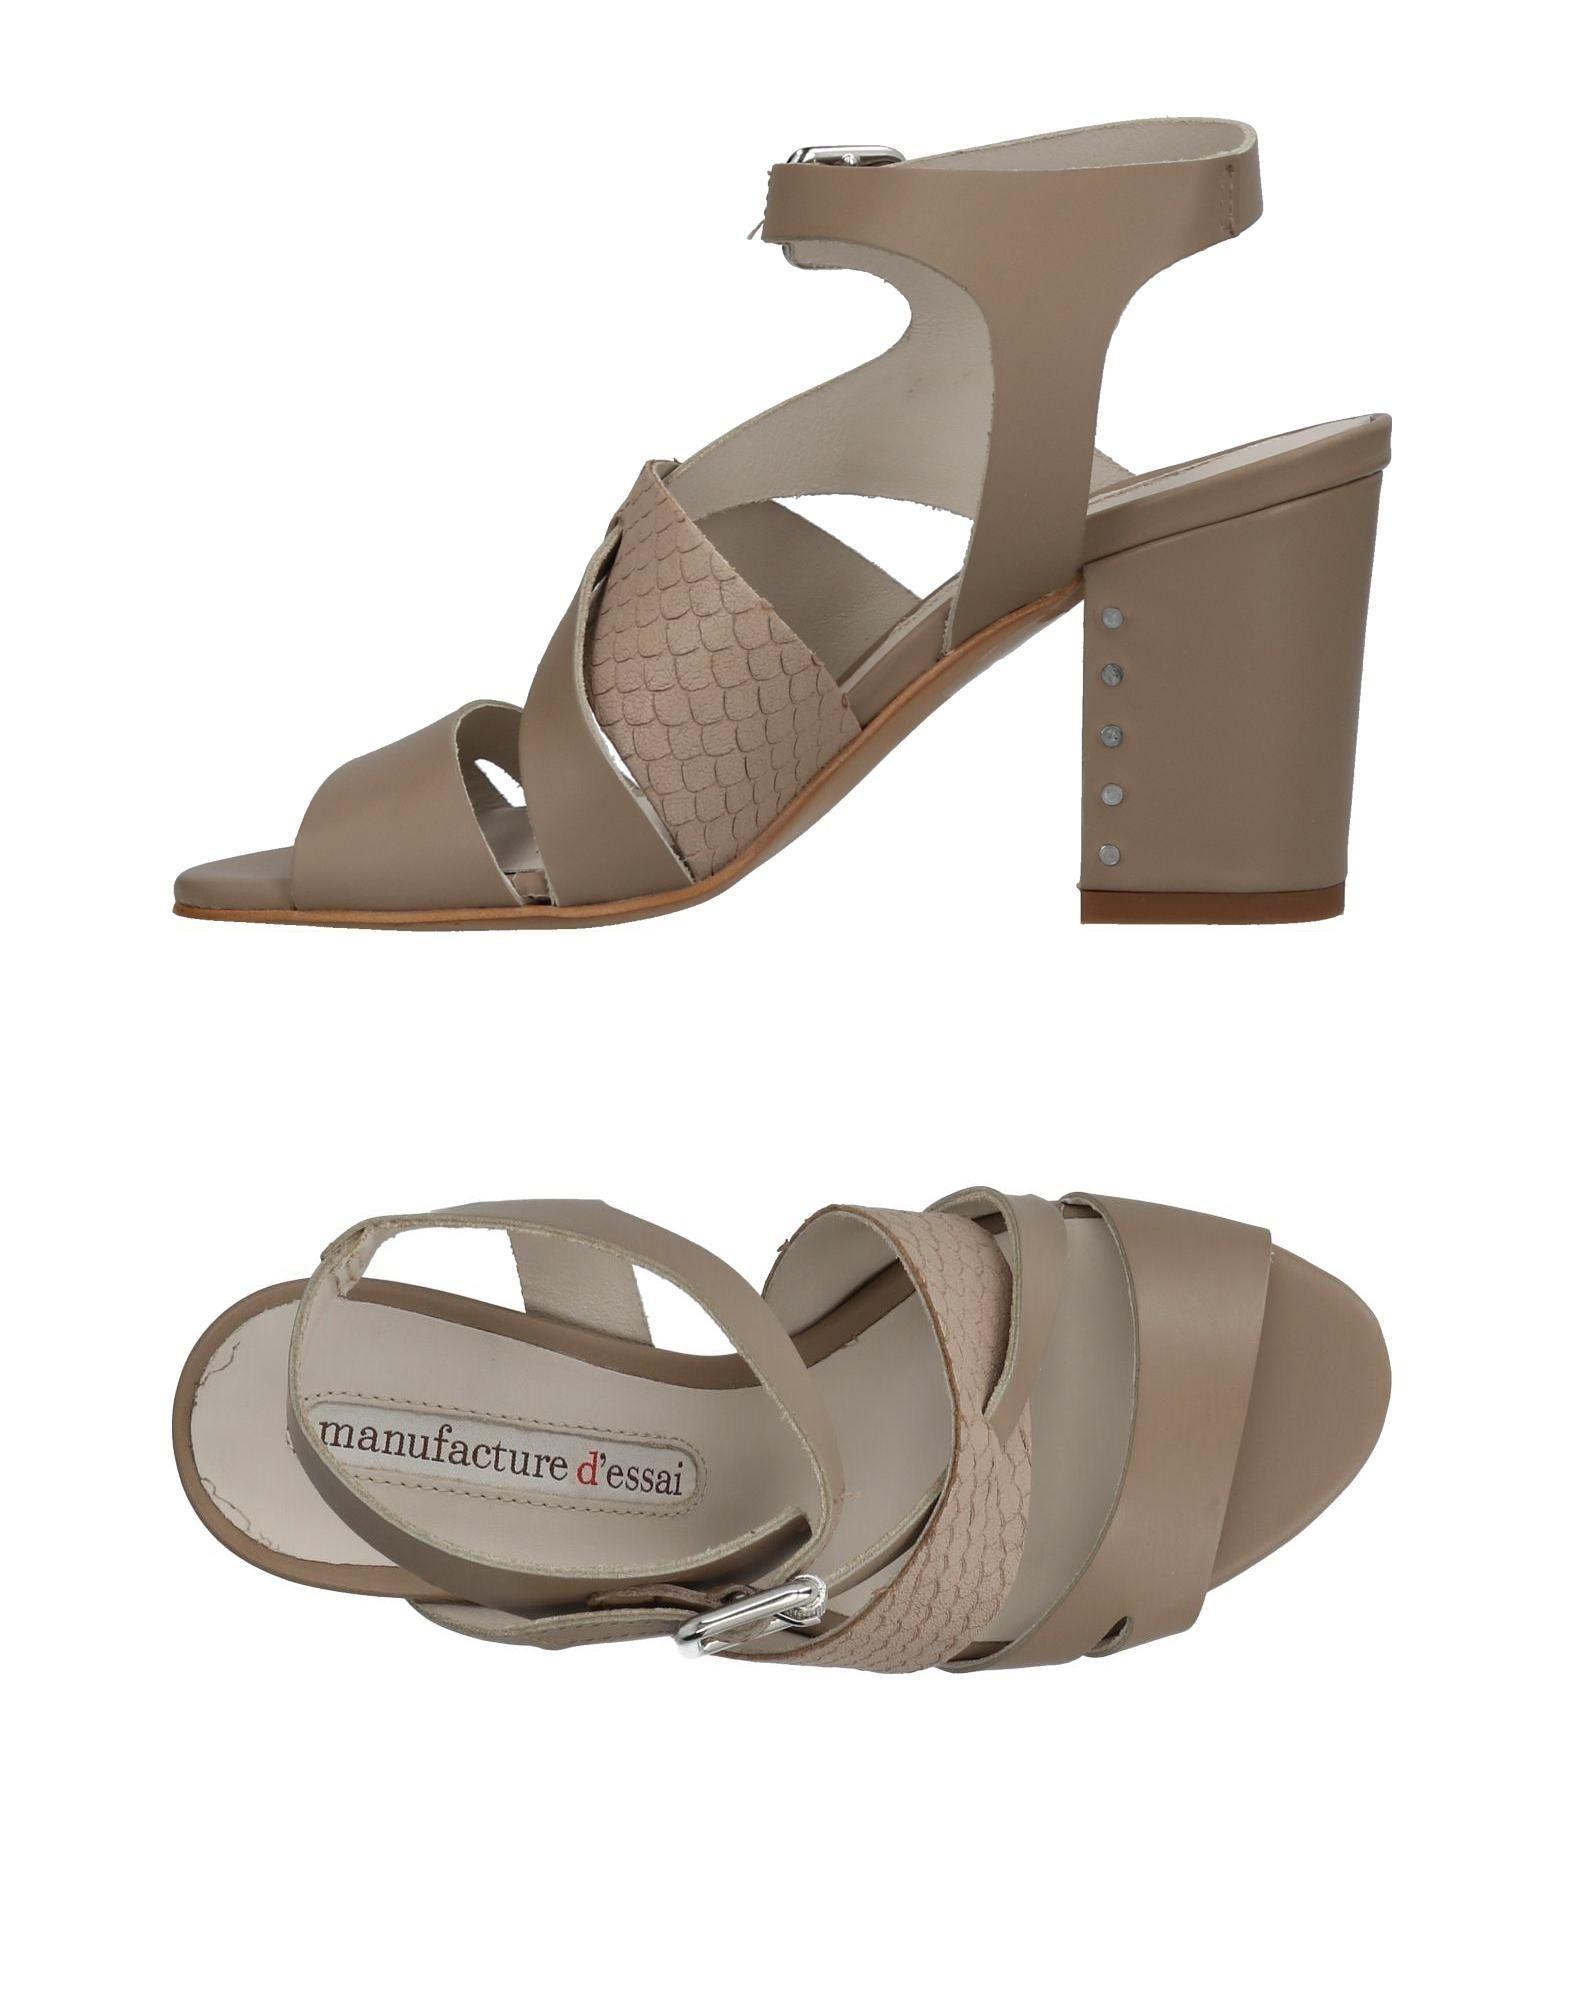 Sandales Manufacture Dessai Femme - Sandales Manufacture Dessai sur